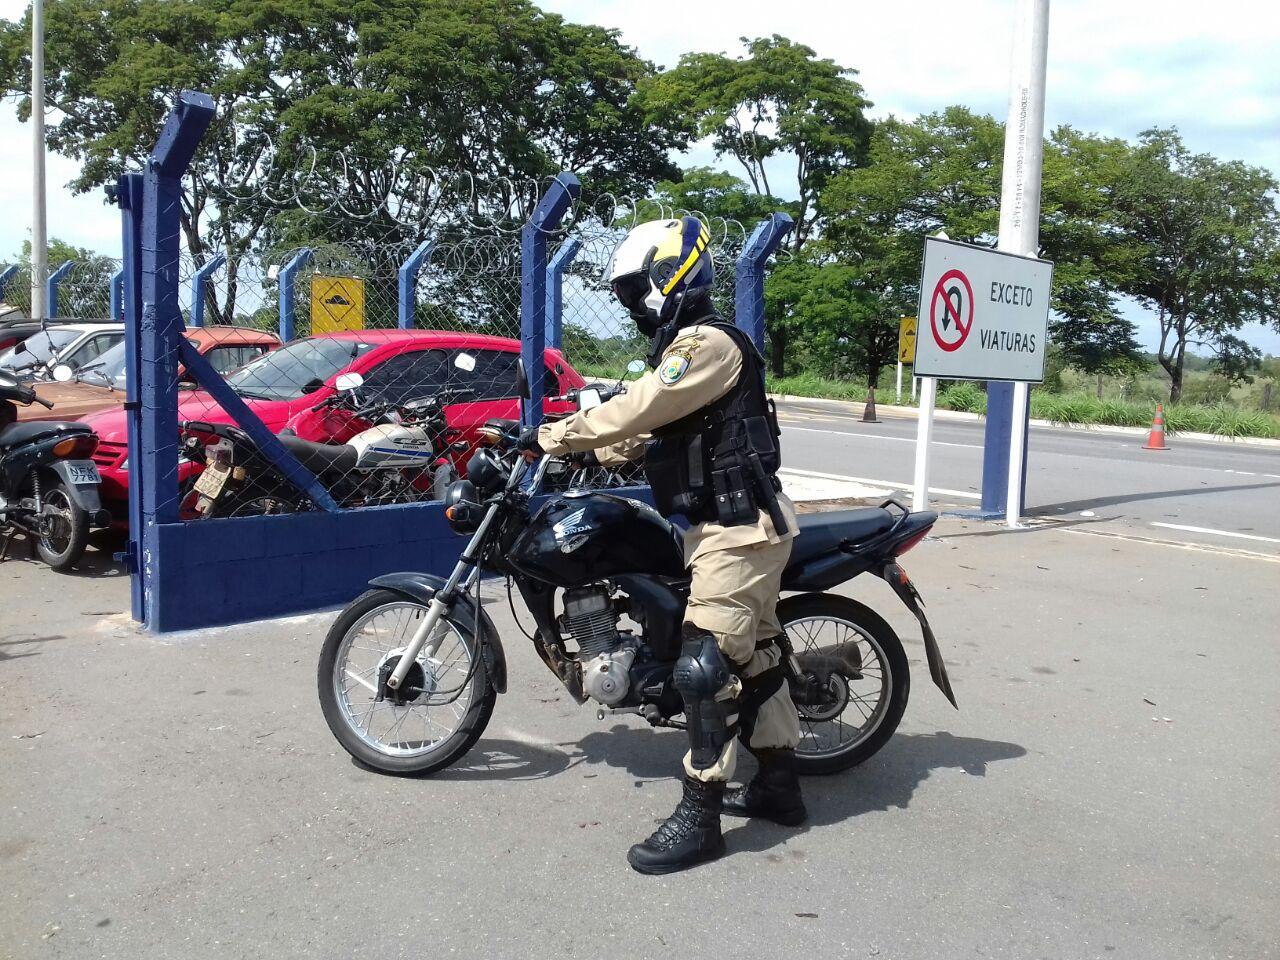 Motocicleta com 85 registros de infrações é apreendida em Aparecida de Goiânia